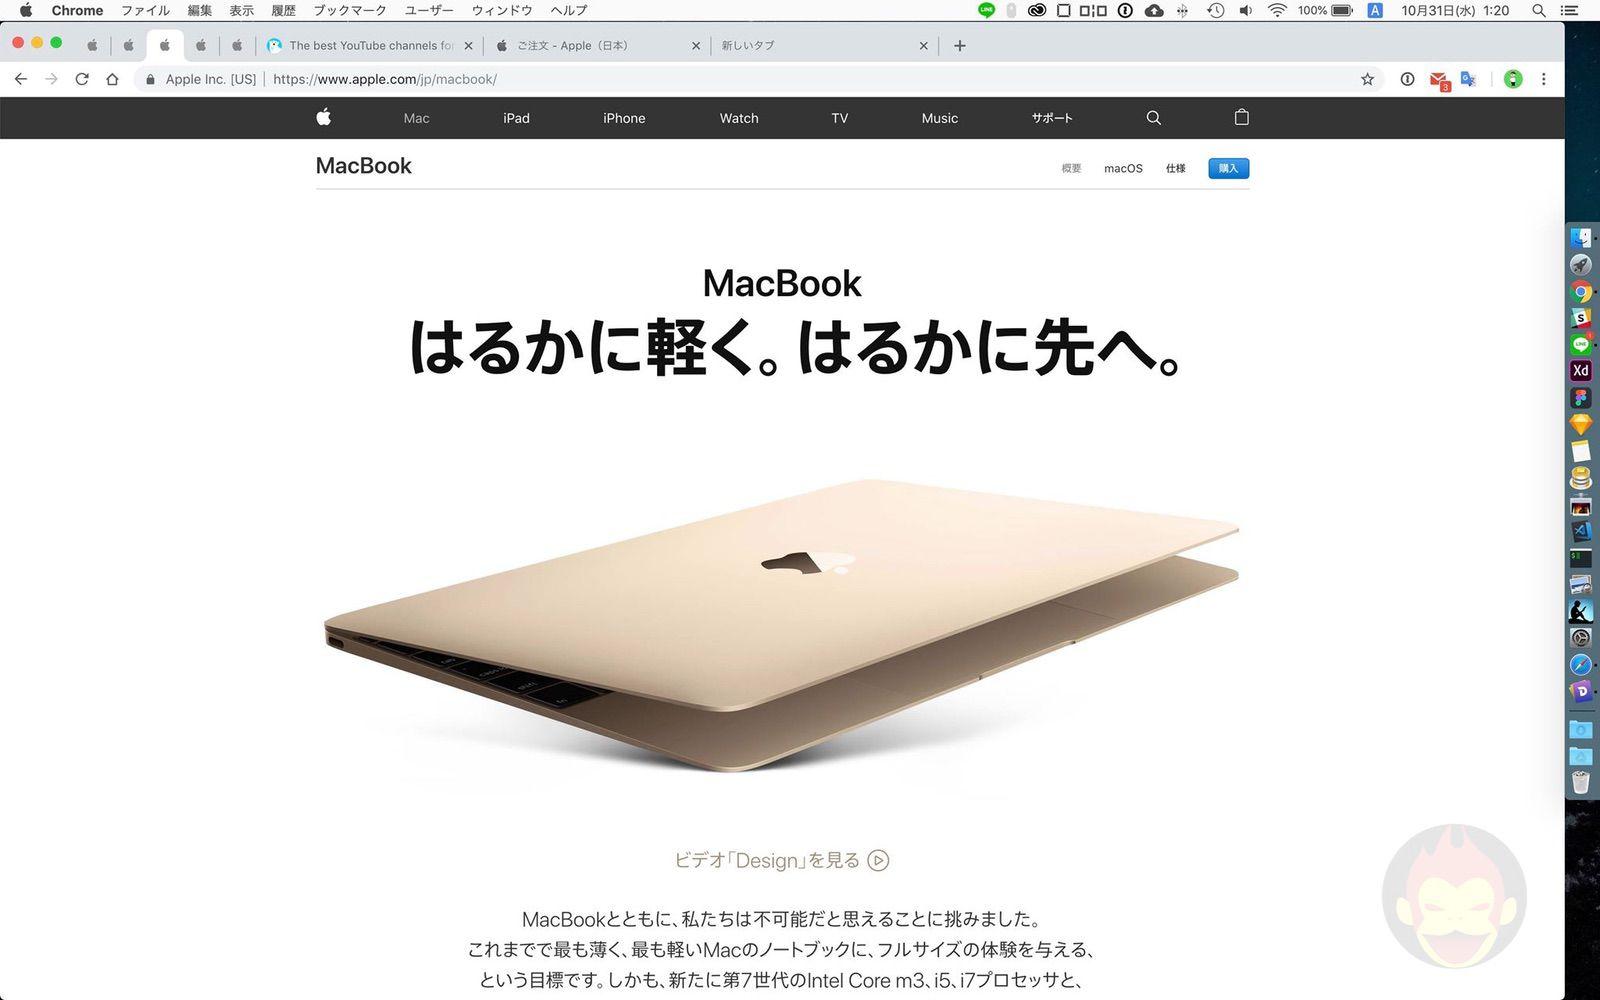 MacBook-12inch-model-loses-rose-gold-02.jpg